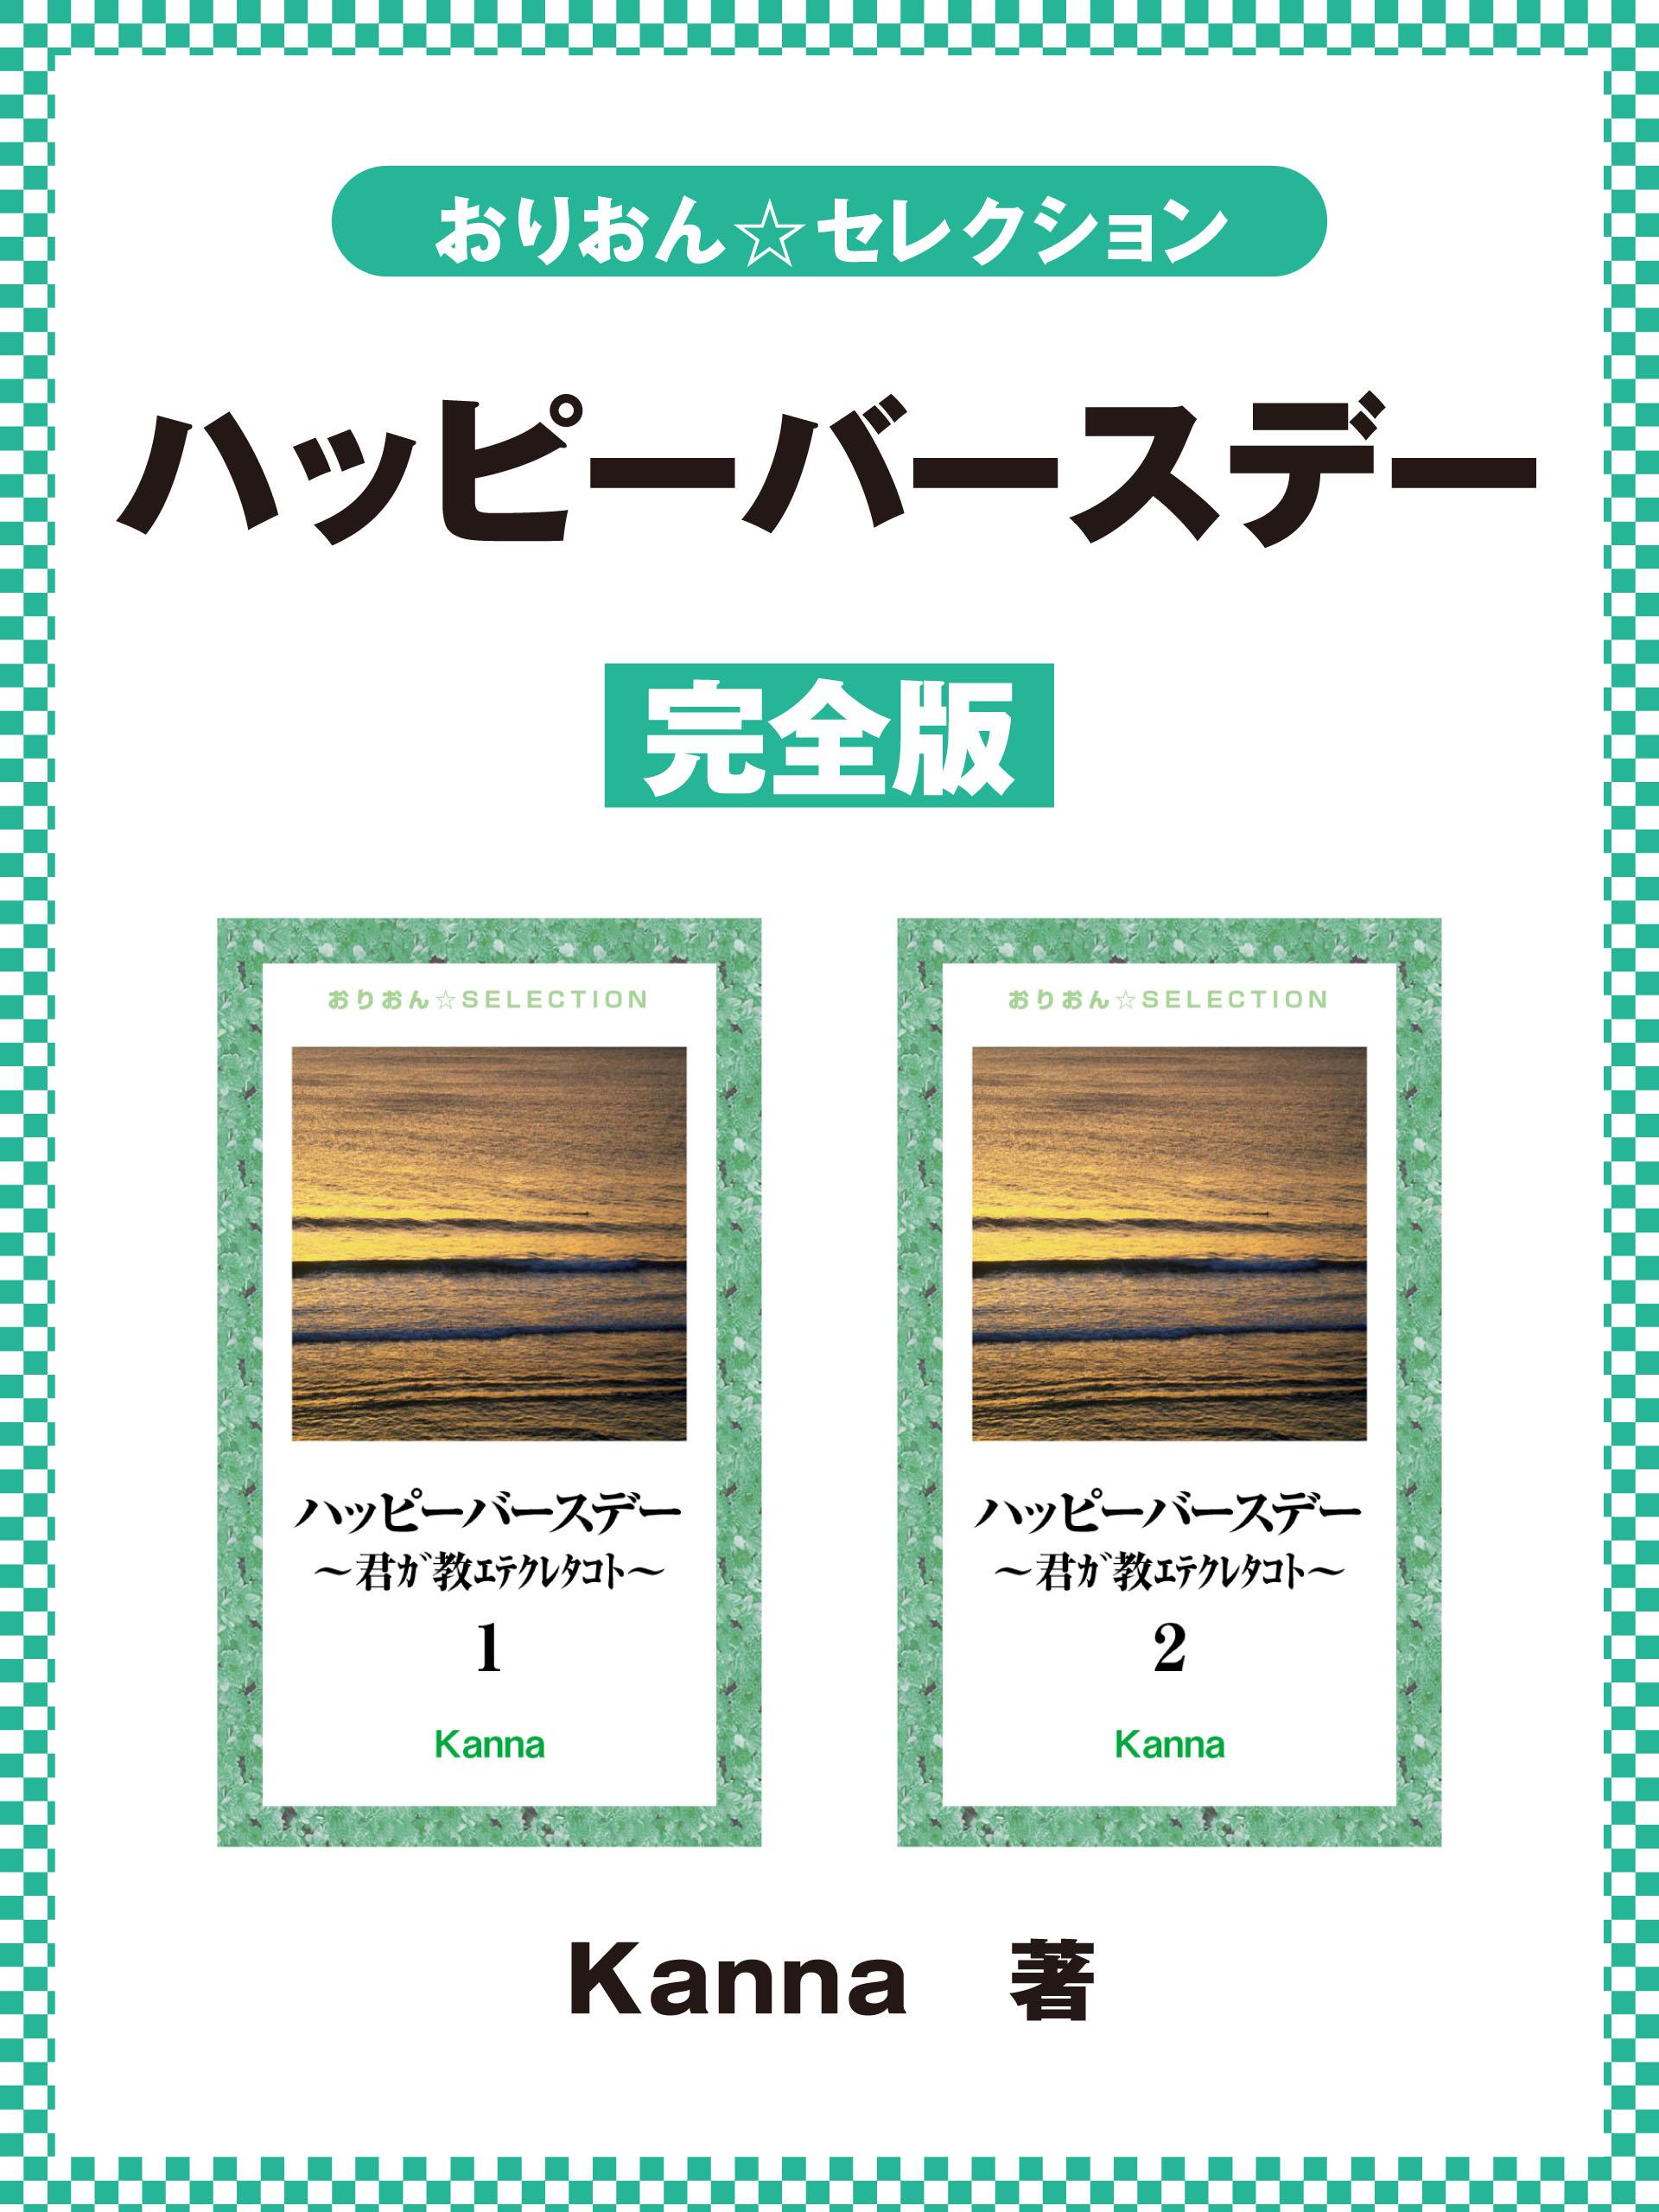 ハッピーバースデー~君ガ教エテクレタコト~ 完全版